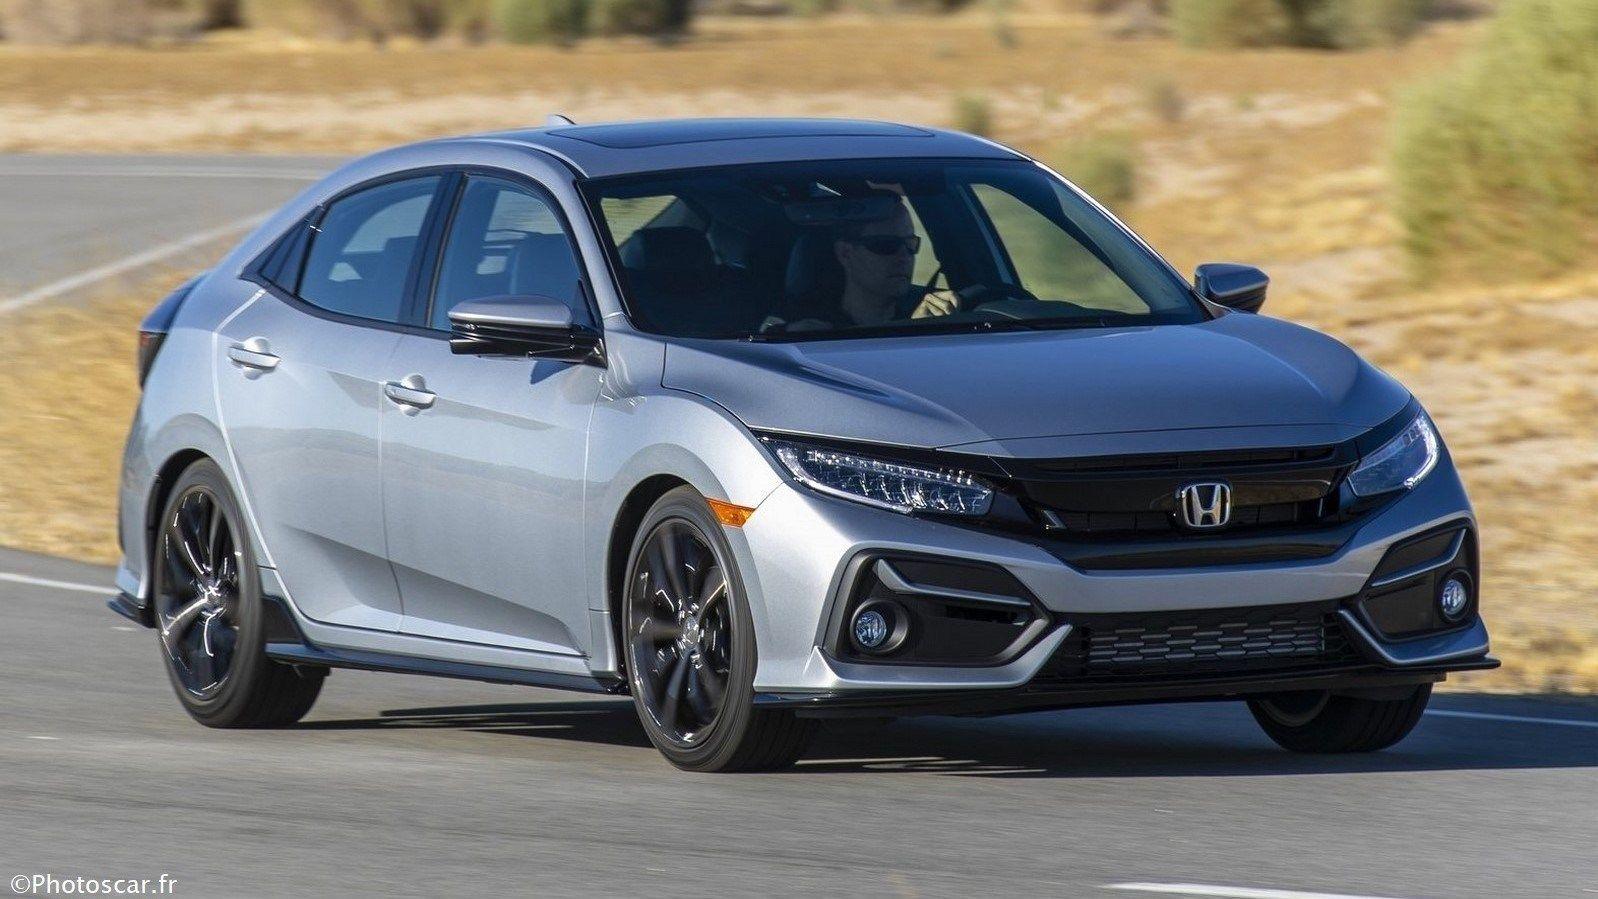 Honda Civic Hatchback 2020 Elle reçoit un visage plus